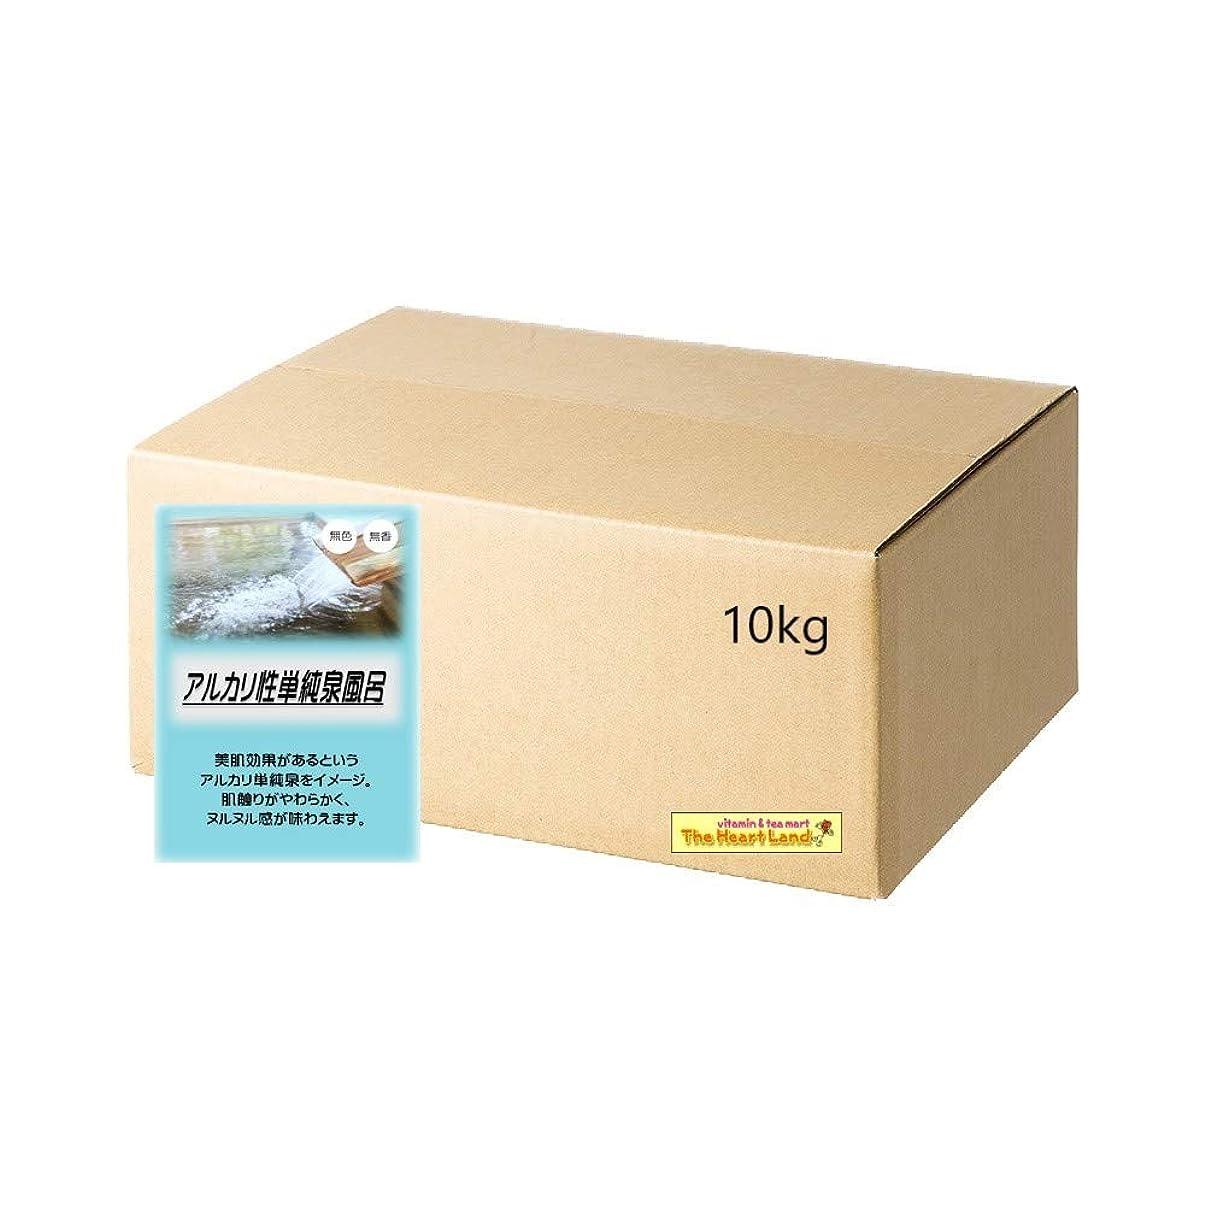 フリンジニュージーランドトリクルアサヒ入浴剤 浴用入浴化粧品 アルカリ性単純泉風呂 10kg